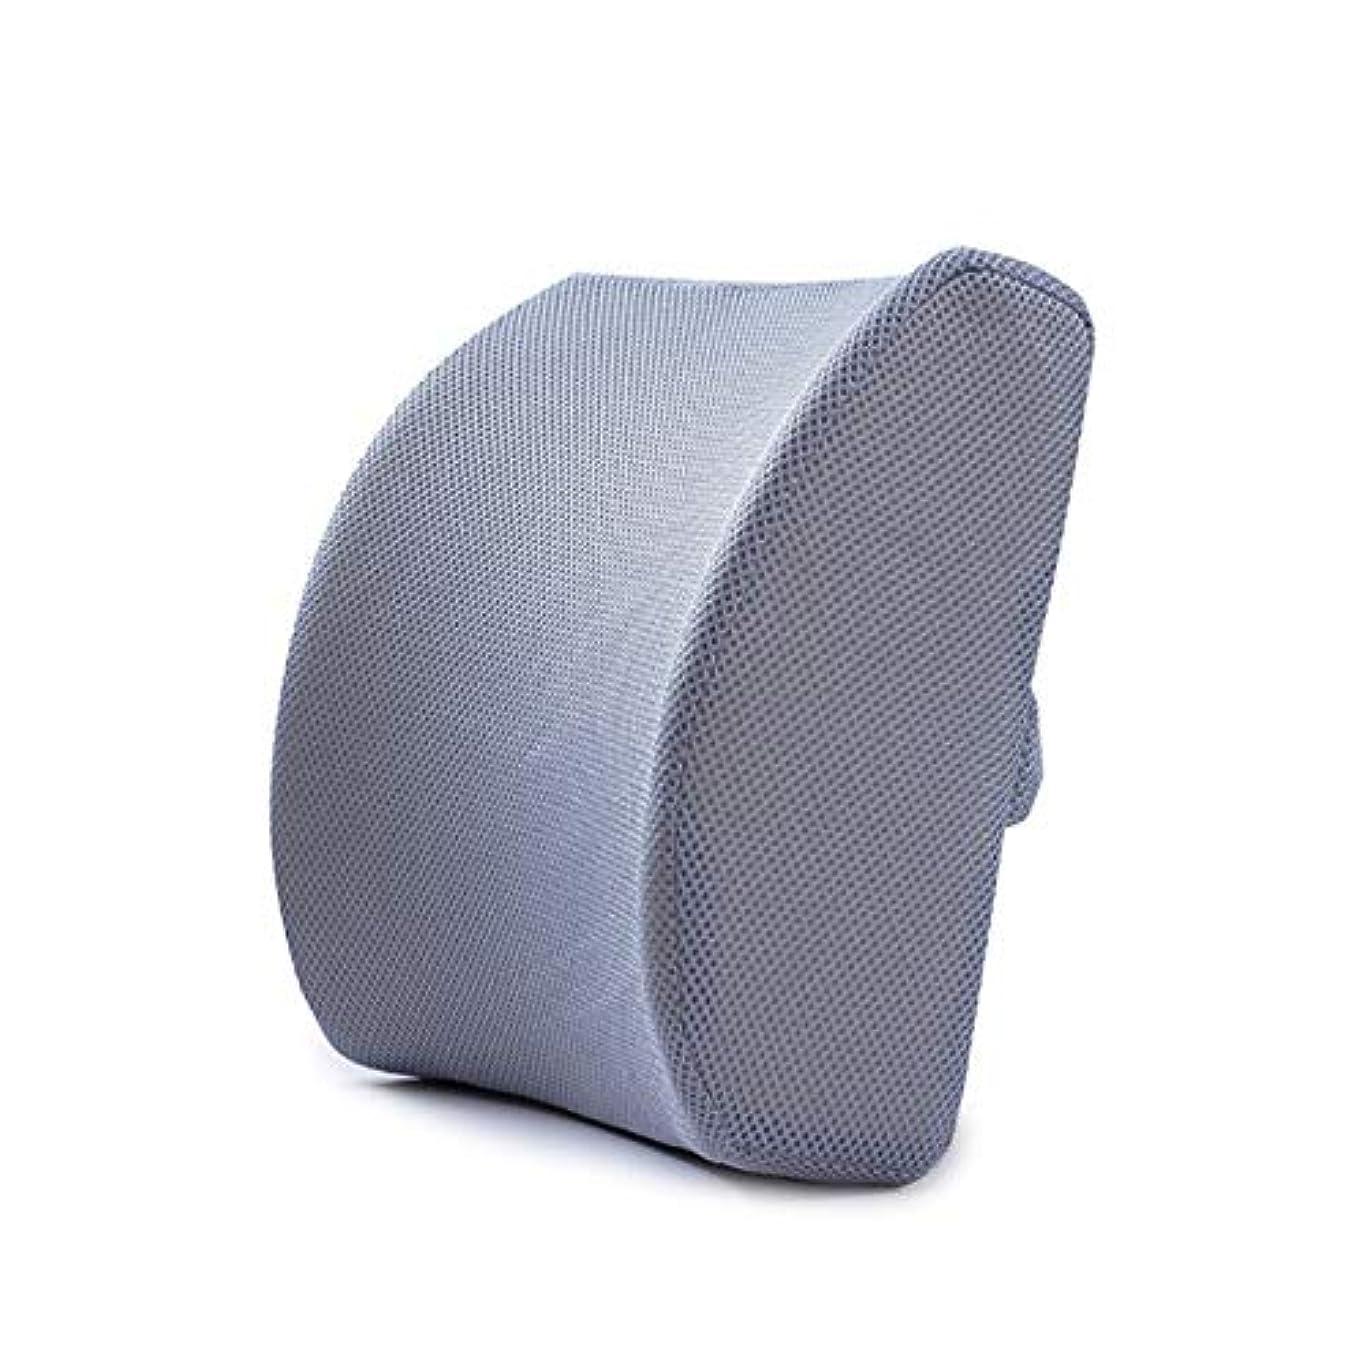 不誠実トラフ決してLIFE ホームオフィス背もたれ椅子腰椎クッションカーシートネック枕 3D 低反発サポートバックマッサージウエストレスリビング枕 クッション 椅子